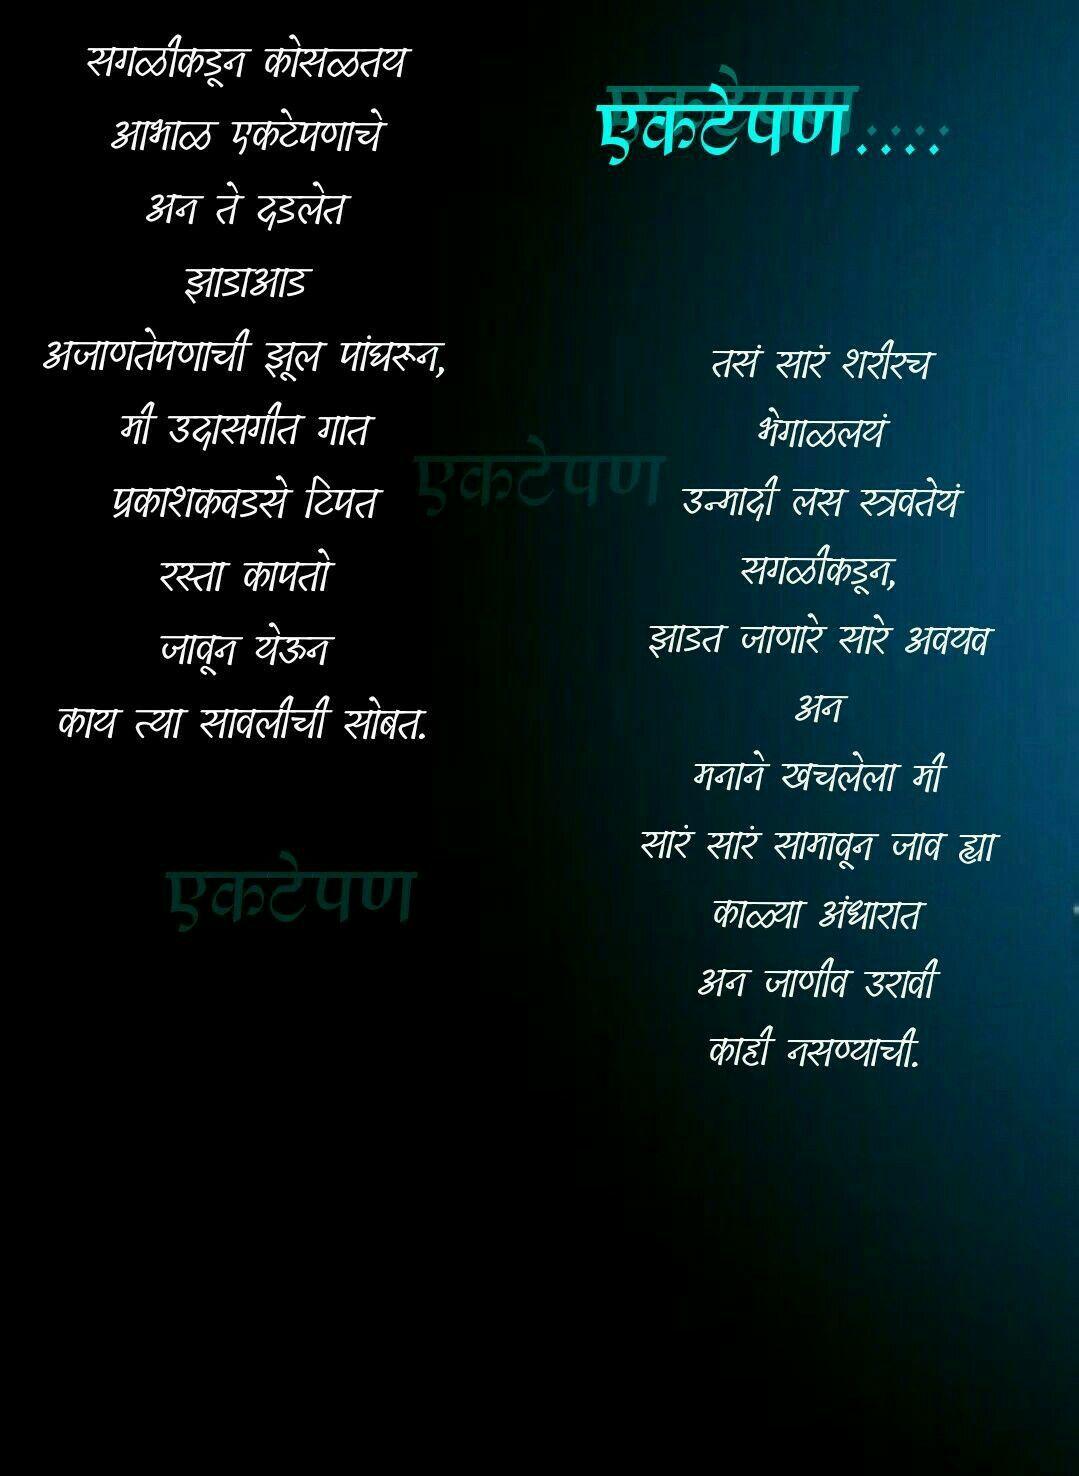 Idea by Shweta Rajesh on Heart touching shayari in 2020